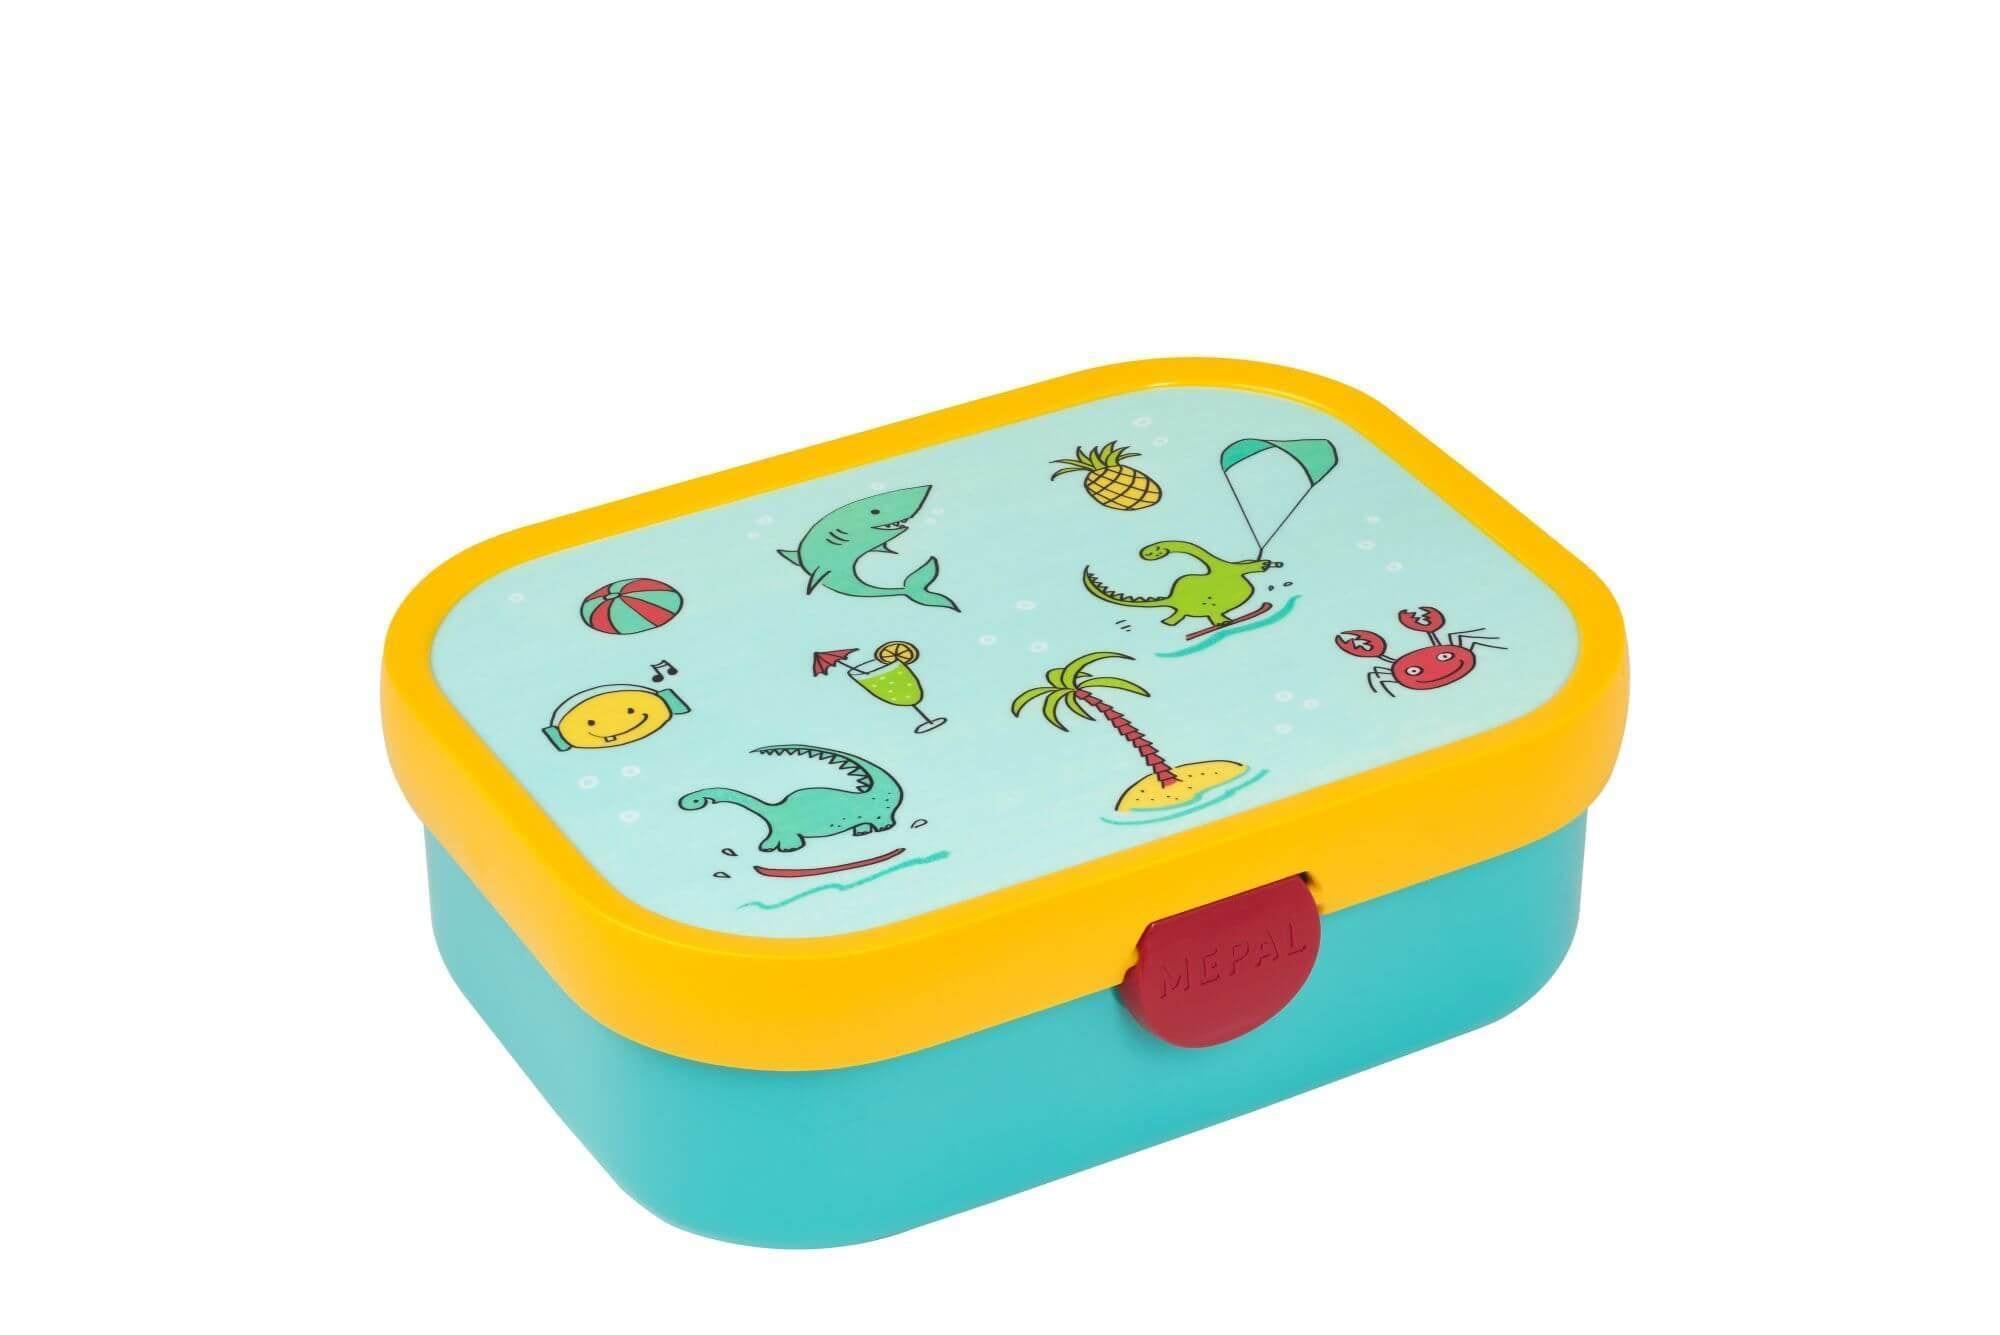 Rosti Mepal broodtrommel Doodle 176 x 130 x 60 mm groen-geel